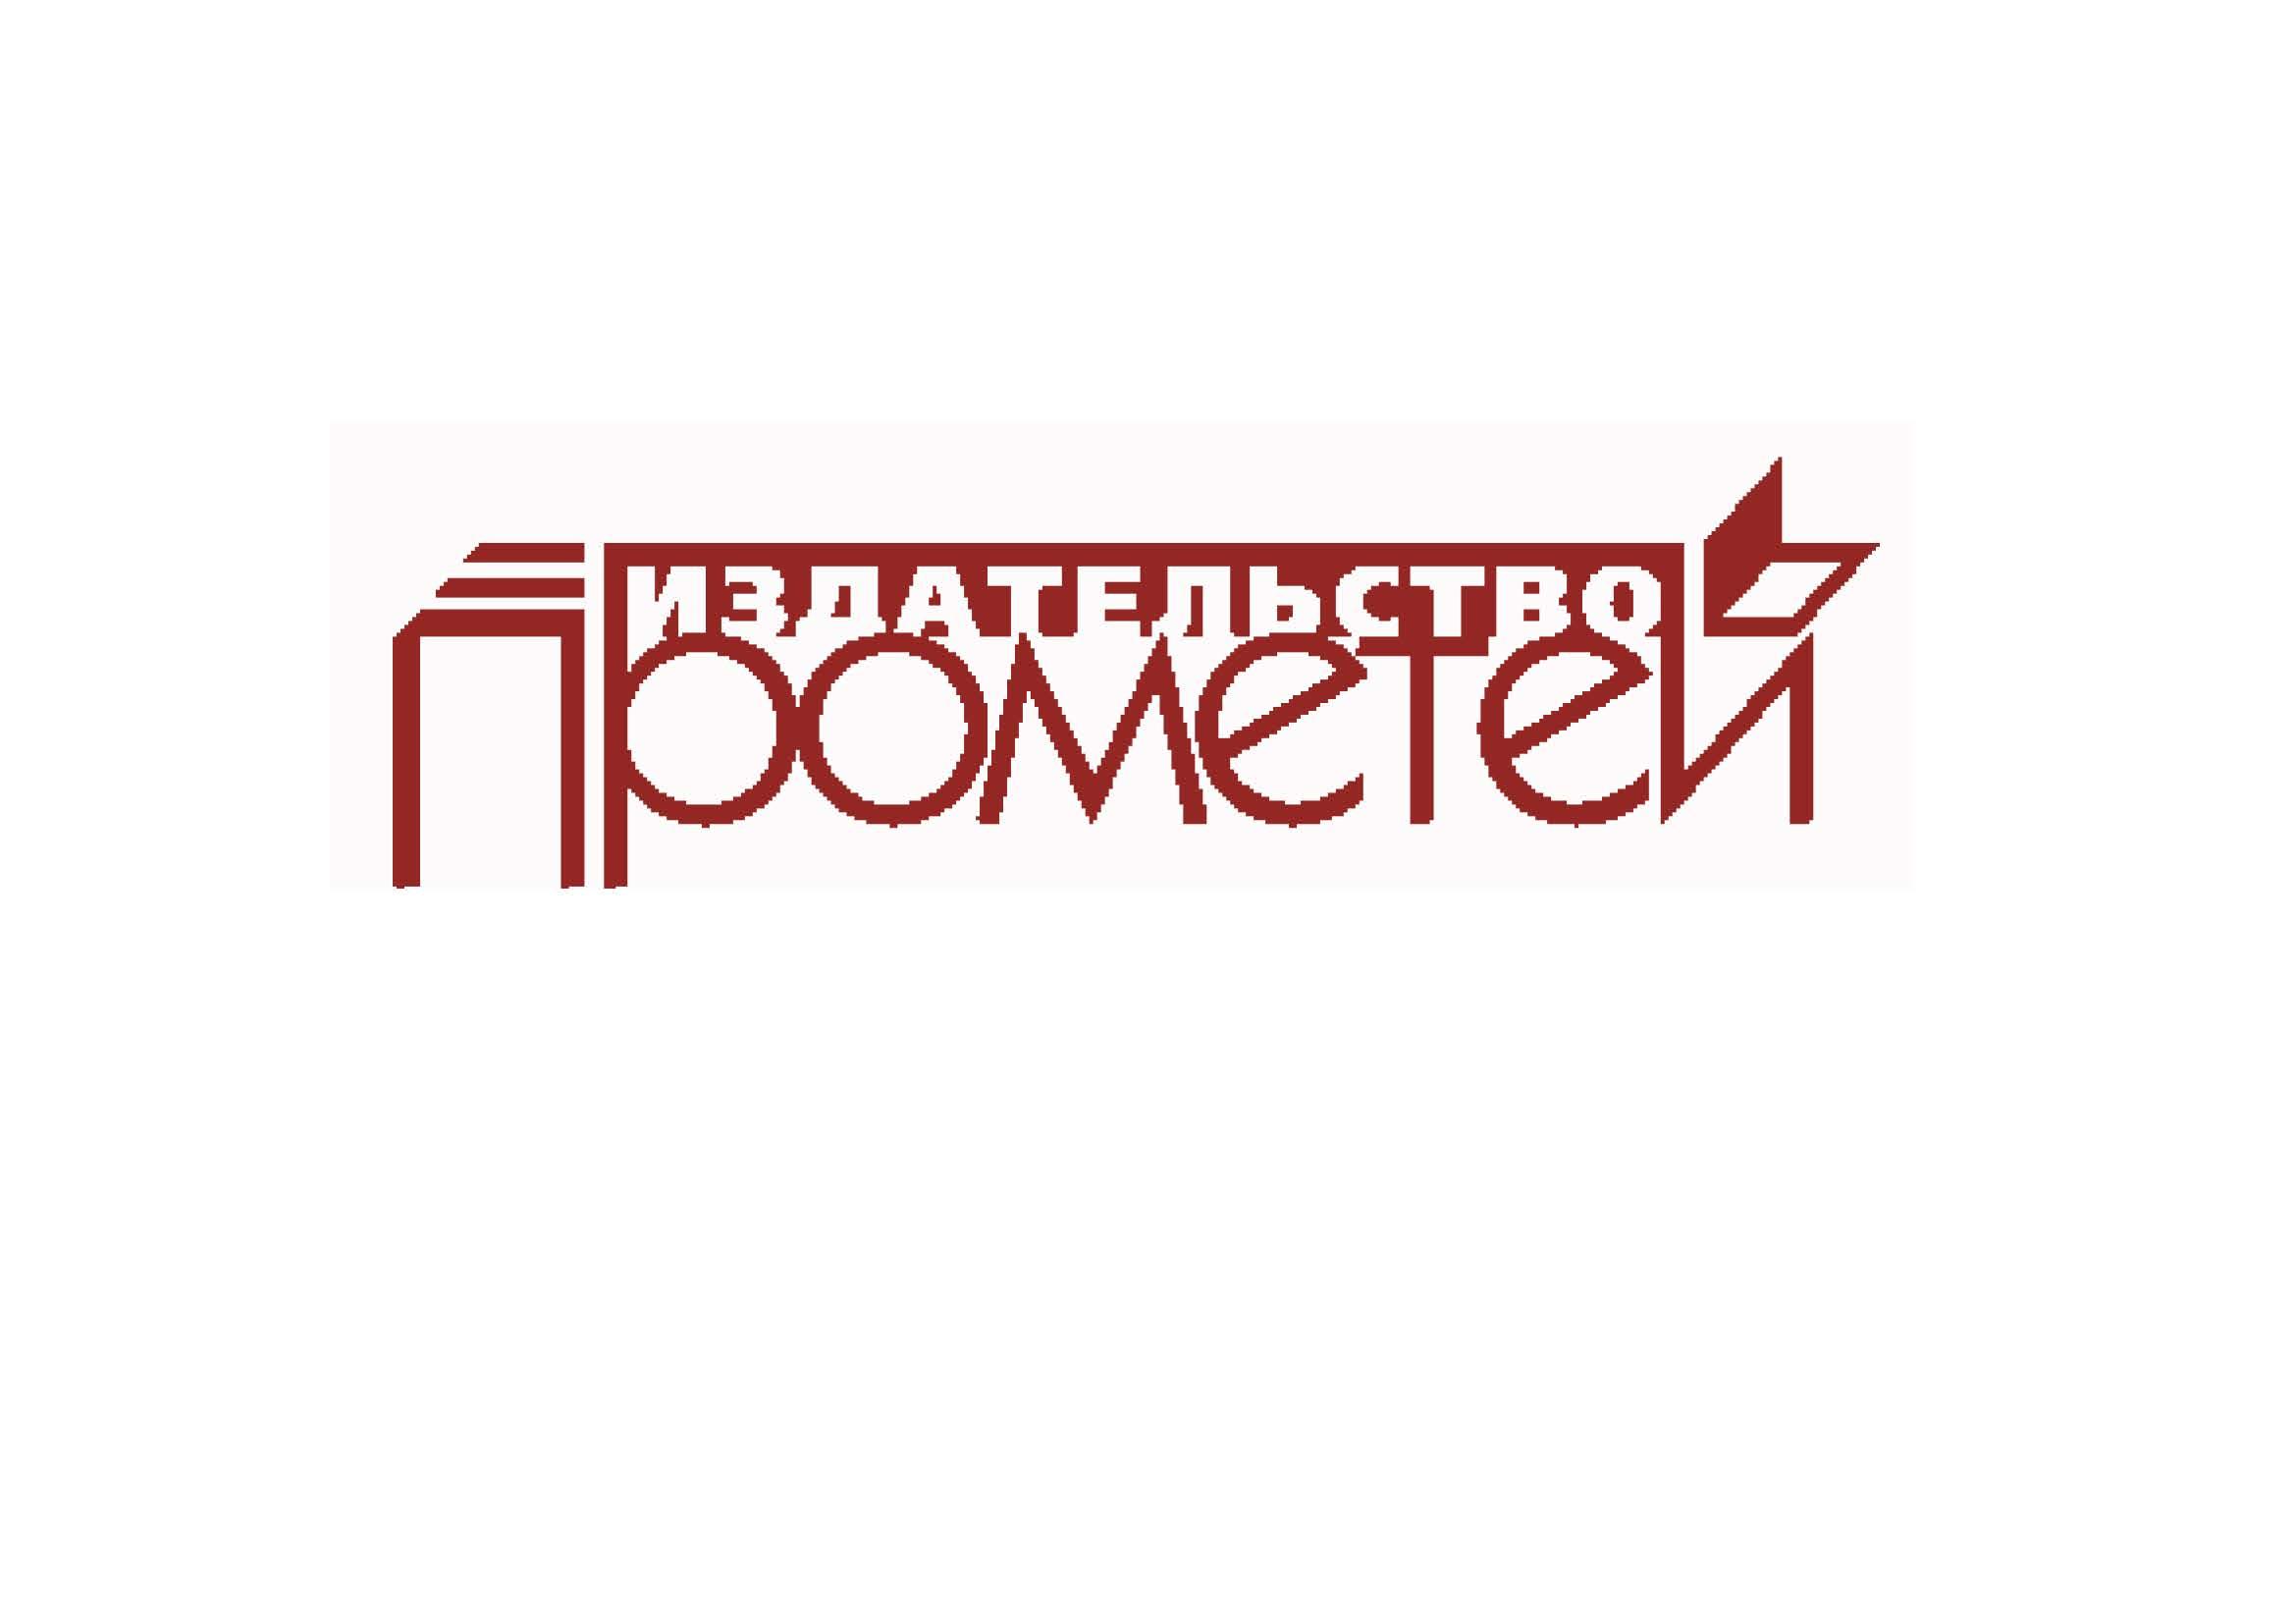 ЛОГОТИП Прометея.jpg